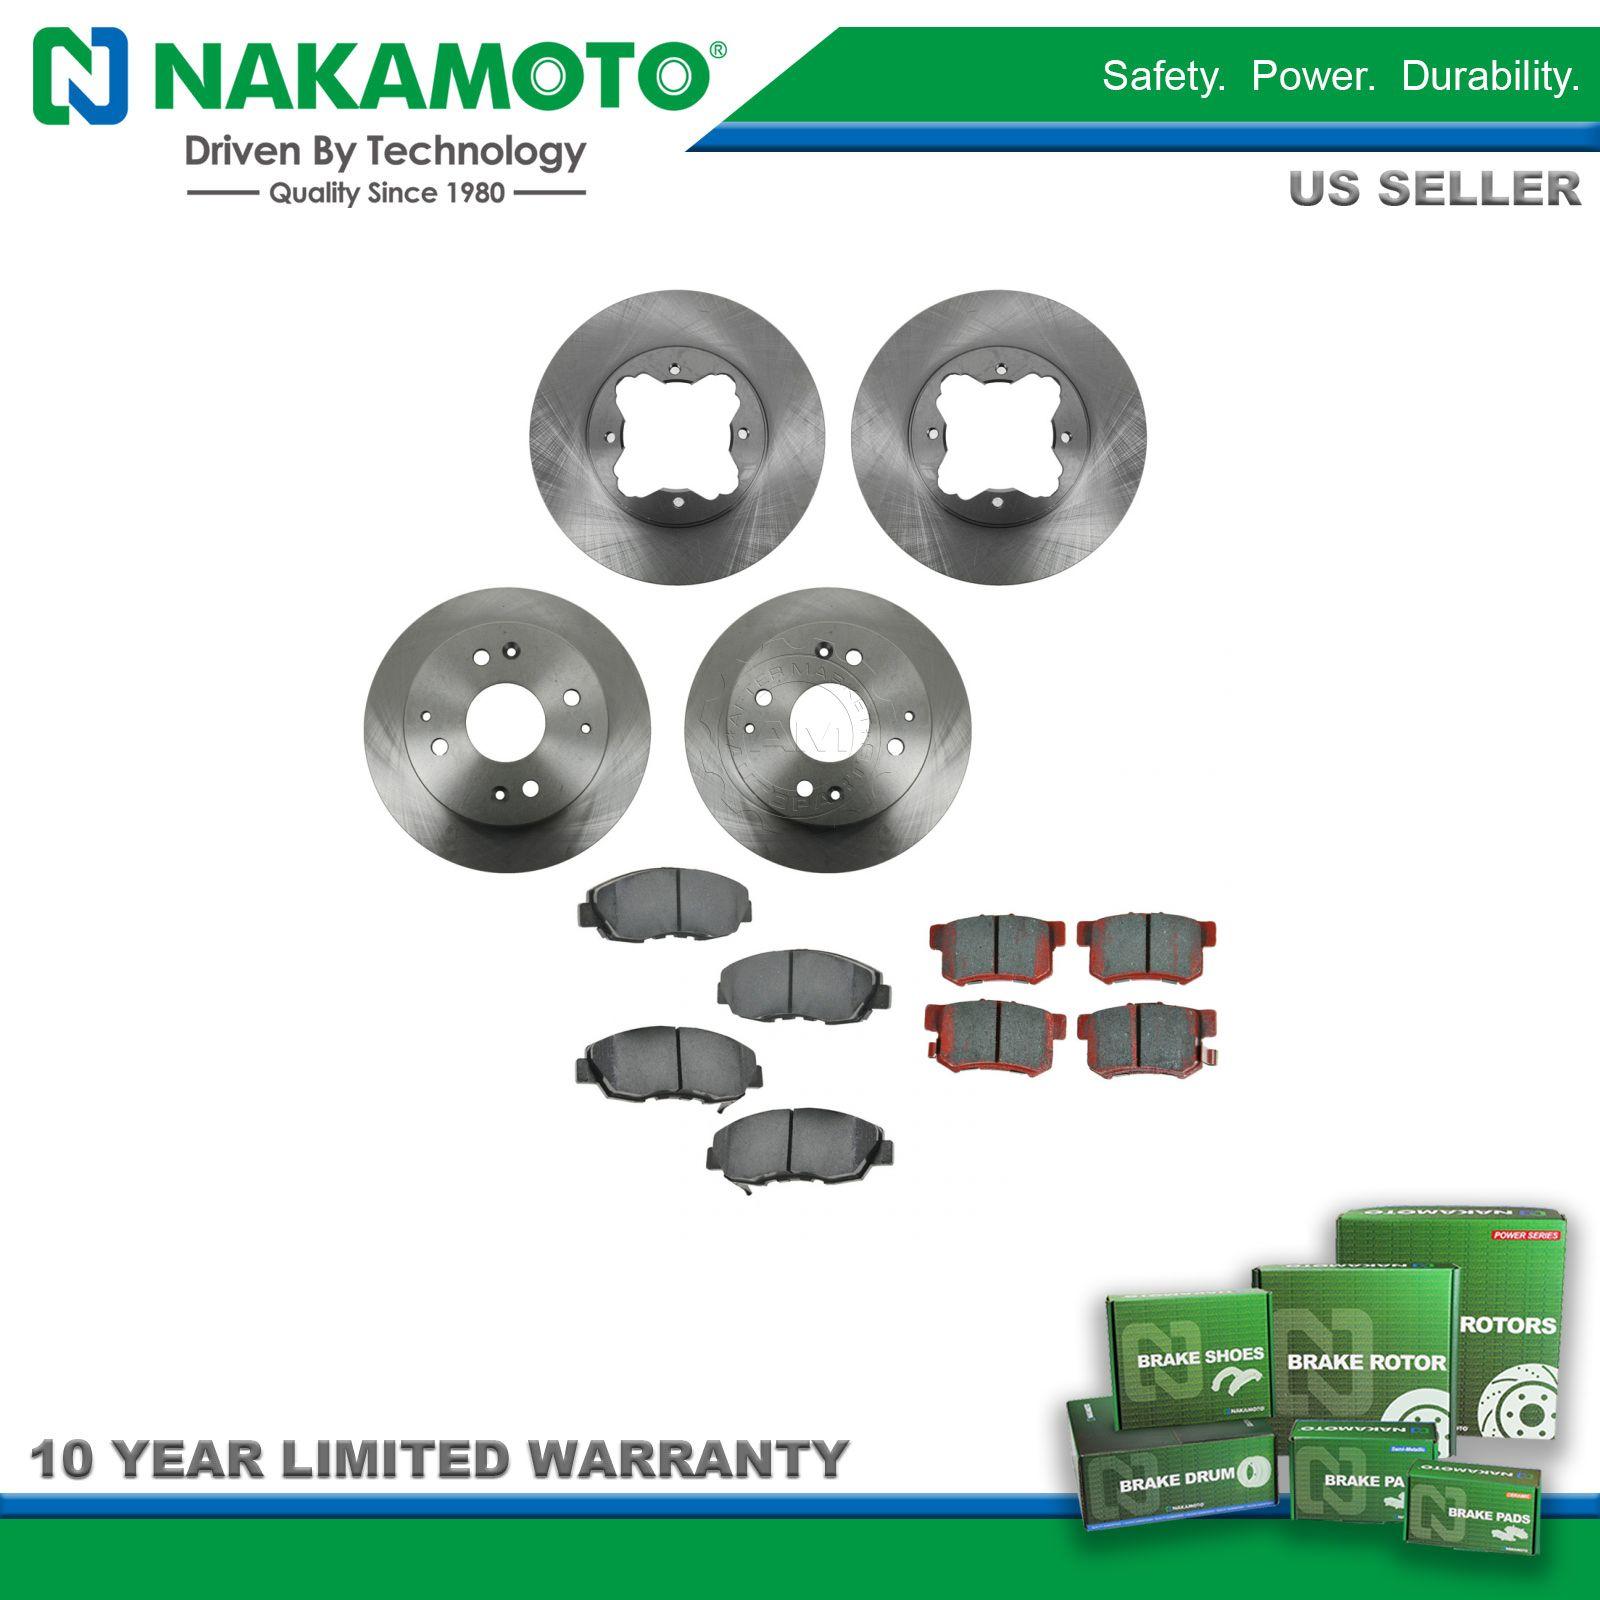 Nakamoto Brake Pad & Rotor Kit Premium Posi Ceramic Front & Rear for Acura  Honda